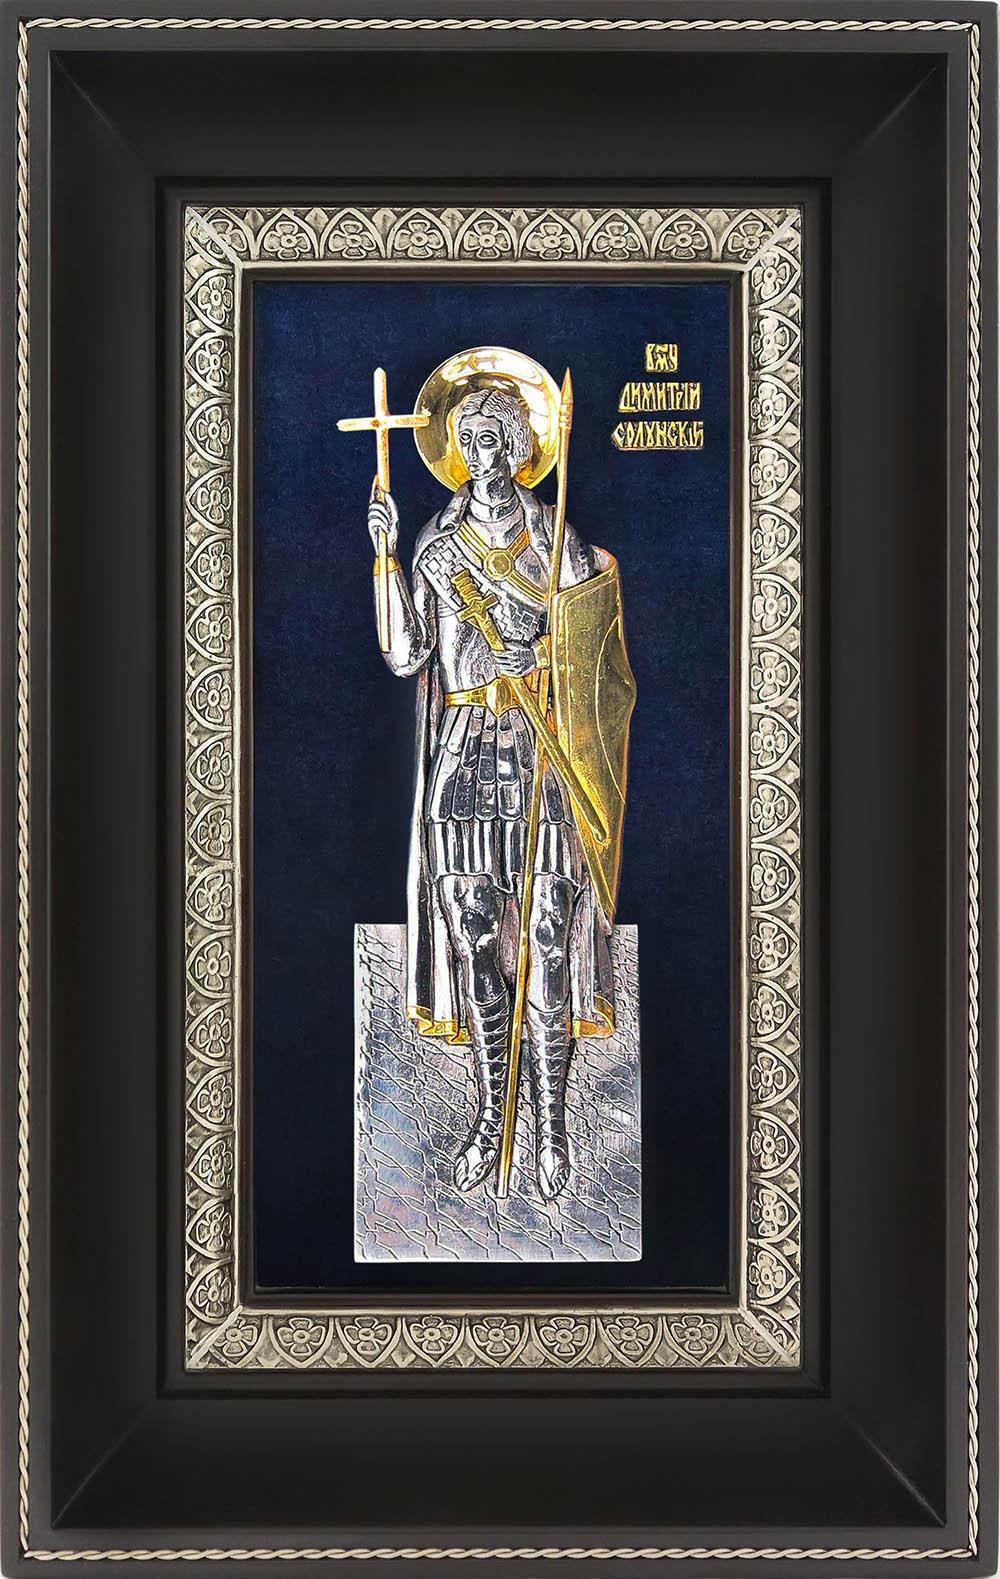 фото икона святого великомученика Димитрия Солунского гальванопластика серебро золото деревянная рама